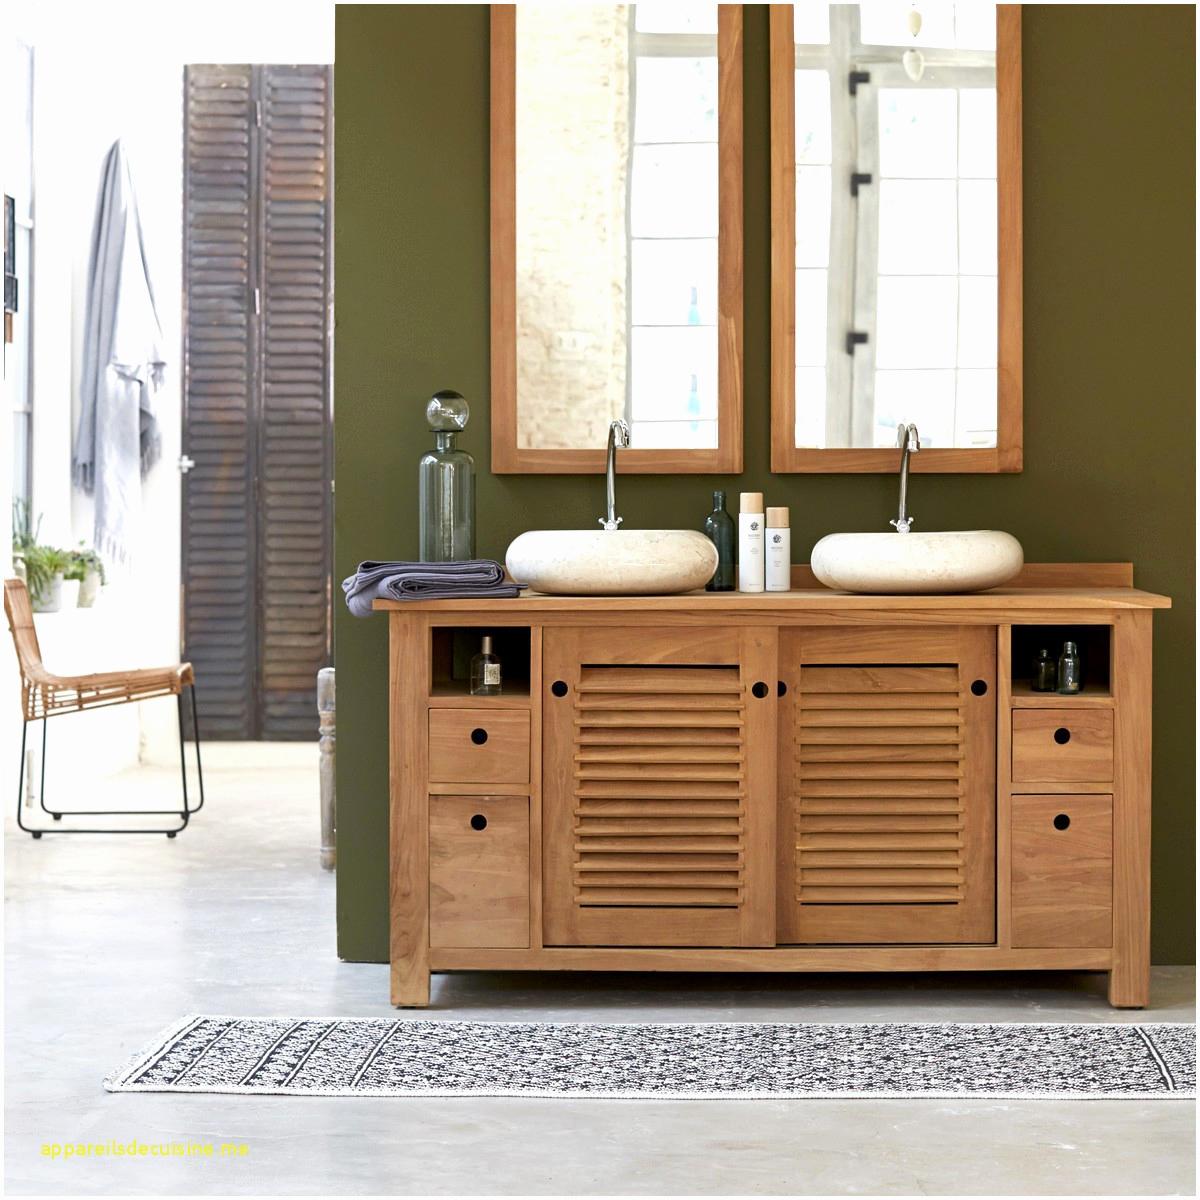 mobilier salle de bain hotellerie elegant igreentrip salon de jardin of mobilier salle de bain hotellerie